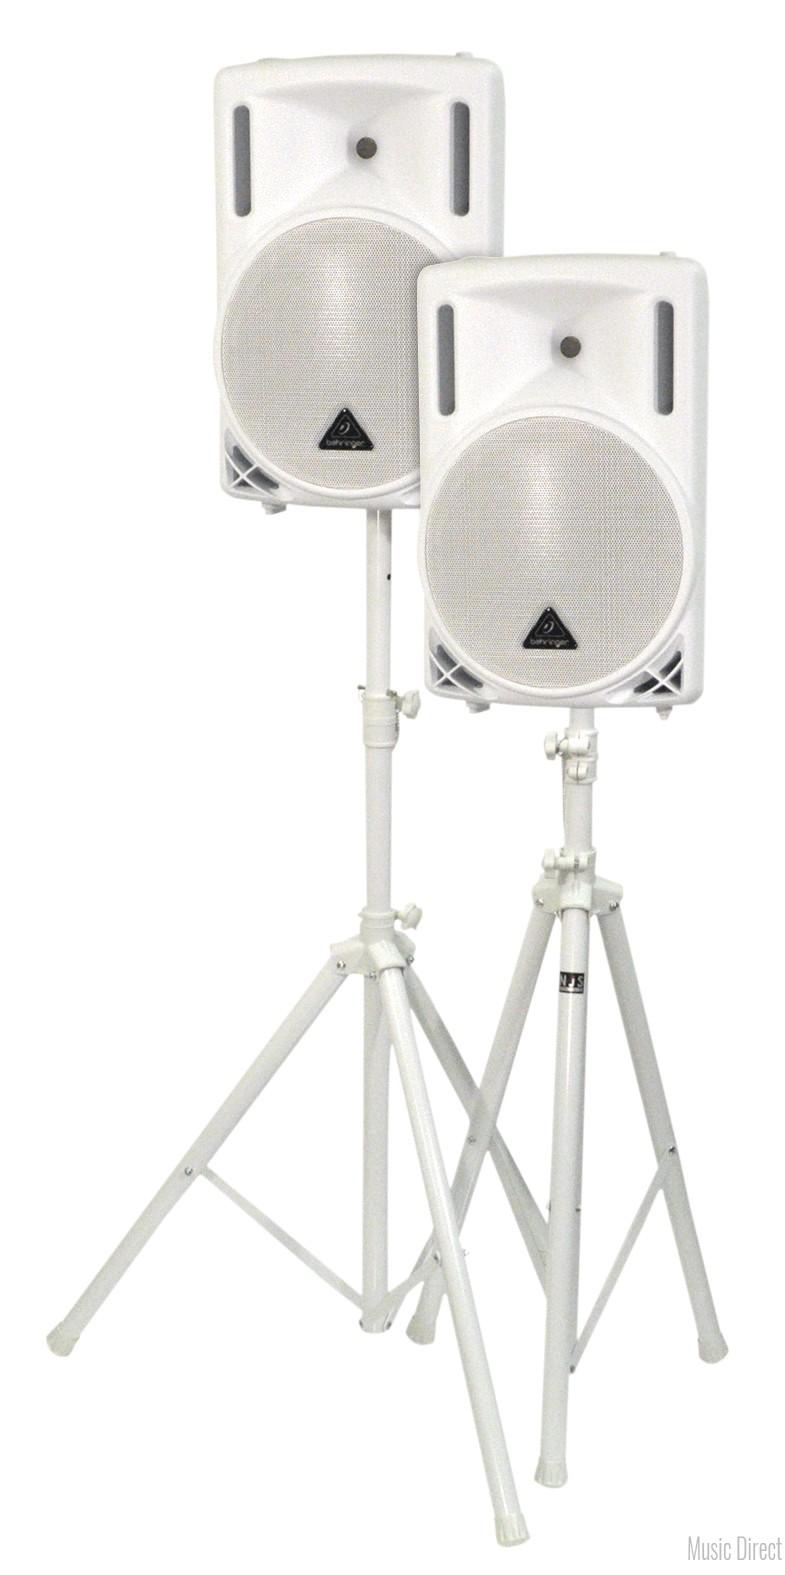 2 x Behringer 10 inch speaker white